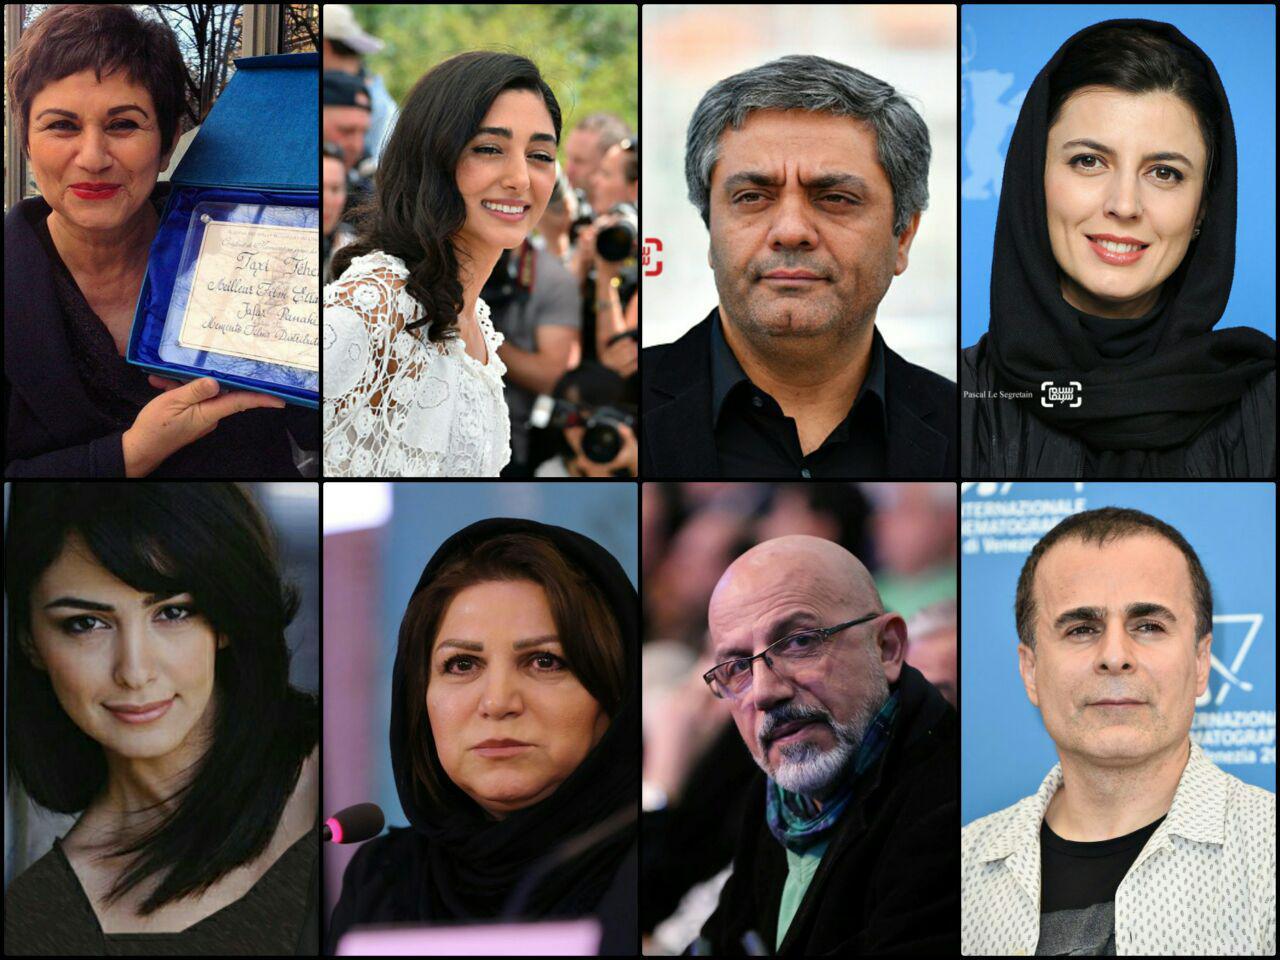 10 ایرانی به اعضای آکادمی اسکار اضافه شدند/ از گلشیفته فرهانی تا لیلا حاتمی